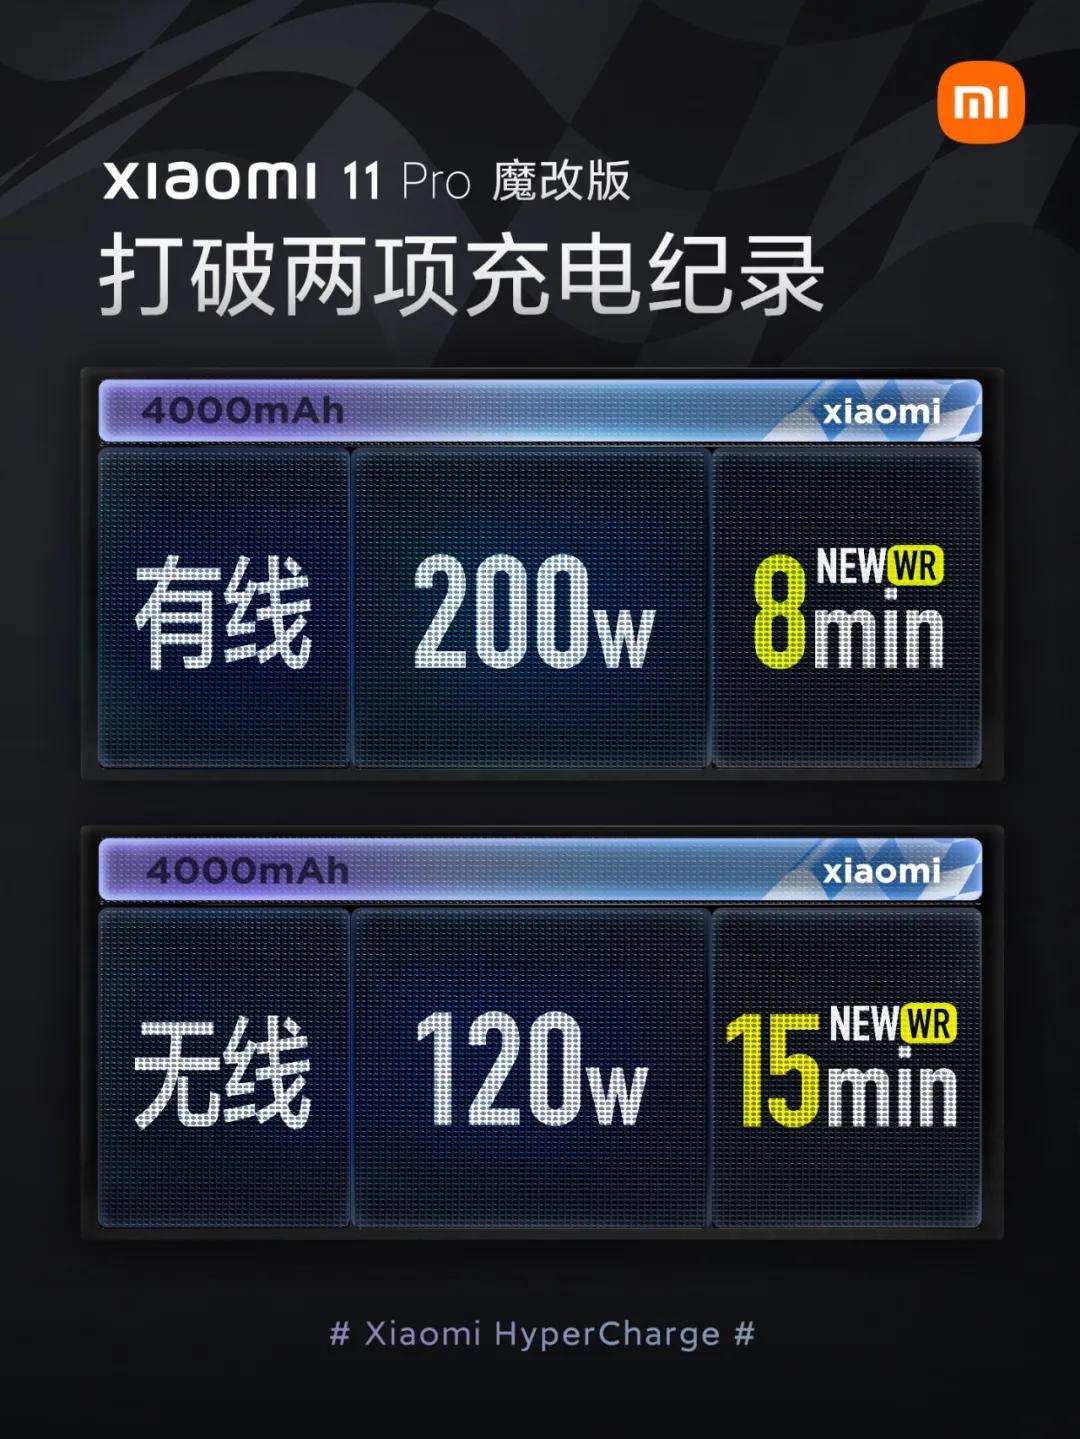 最快8分钟充满!小米首发200W有线+120W无线快充